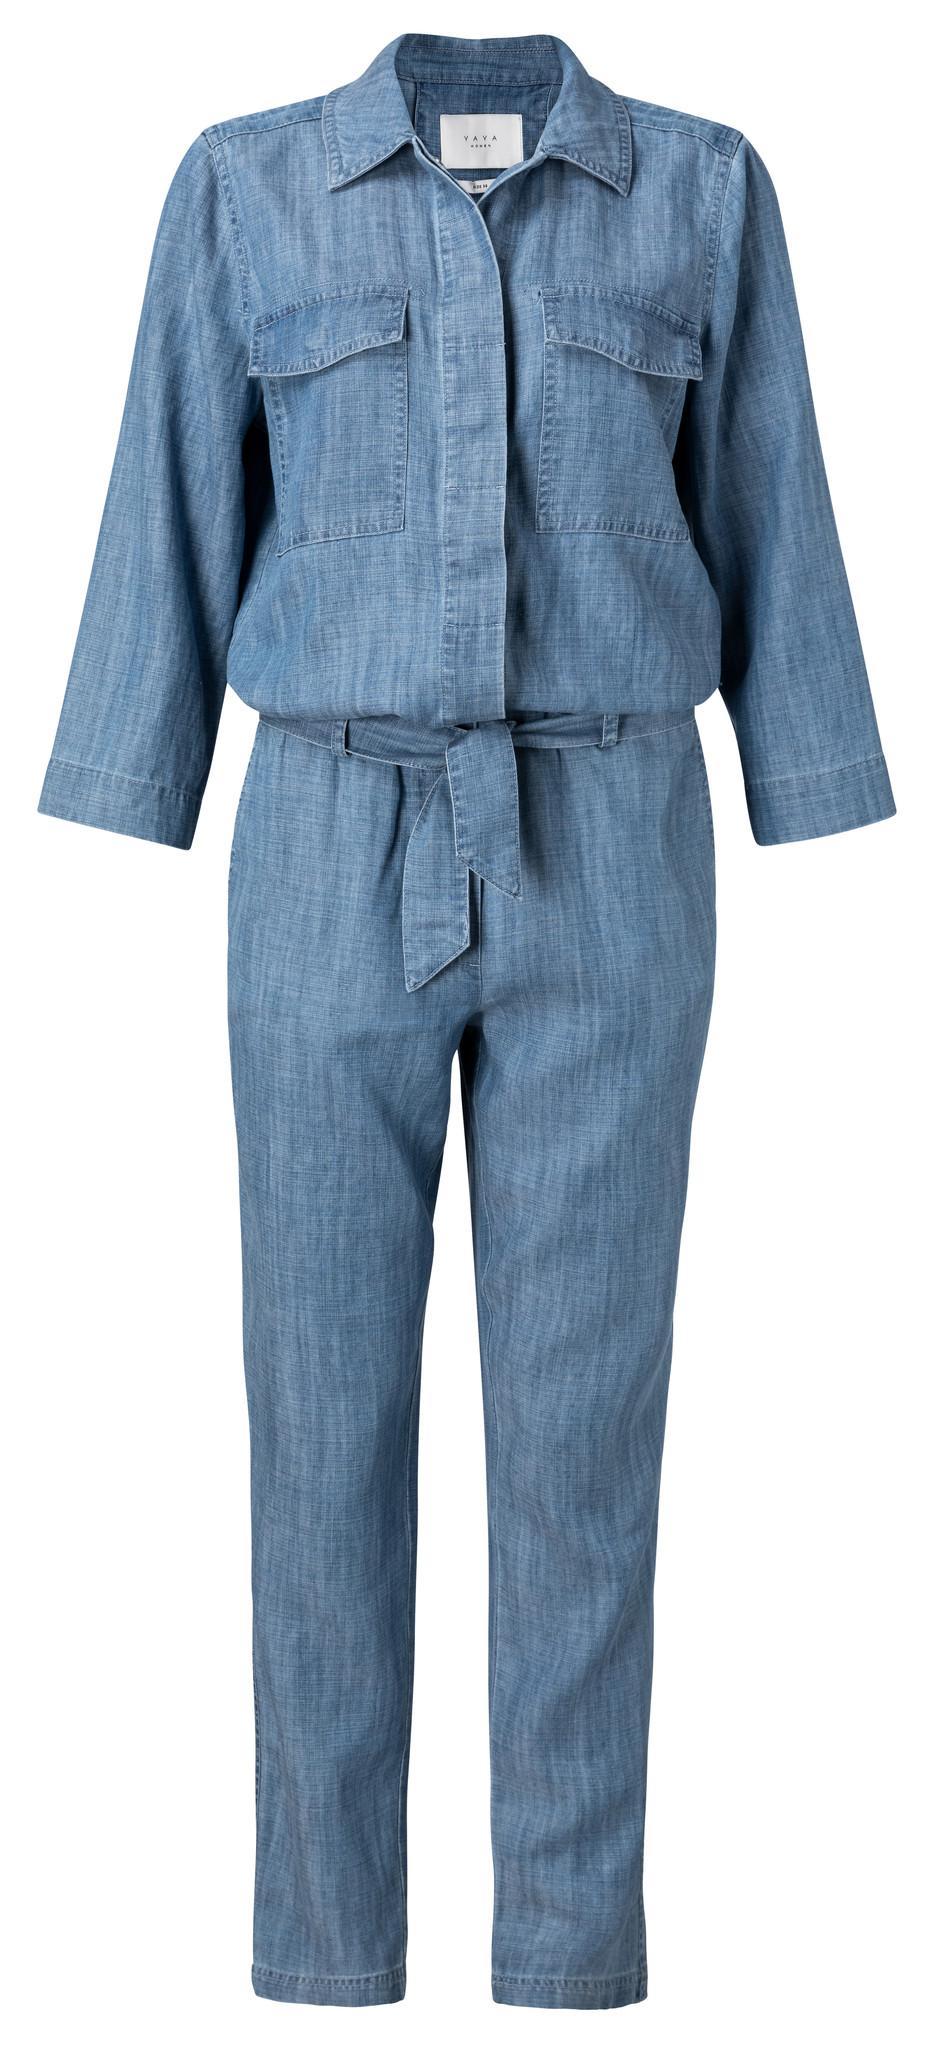 yaya Chambray jumpsuit wi 124122-014-1